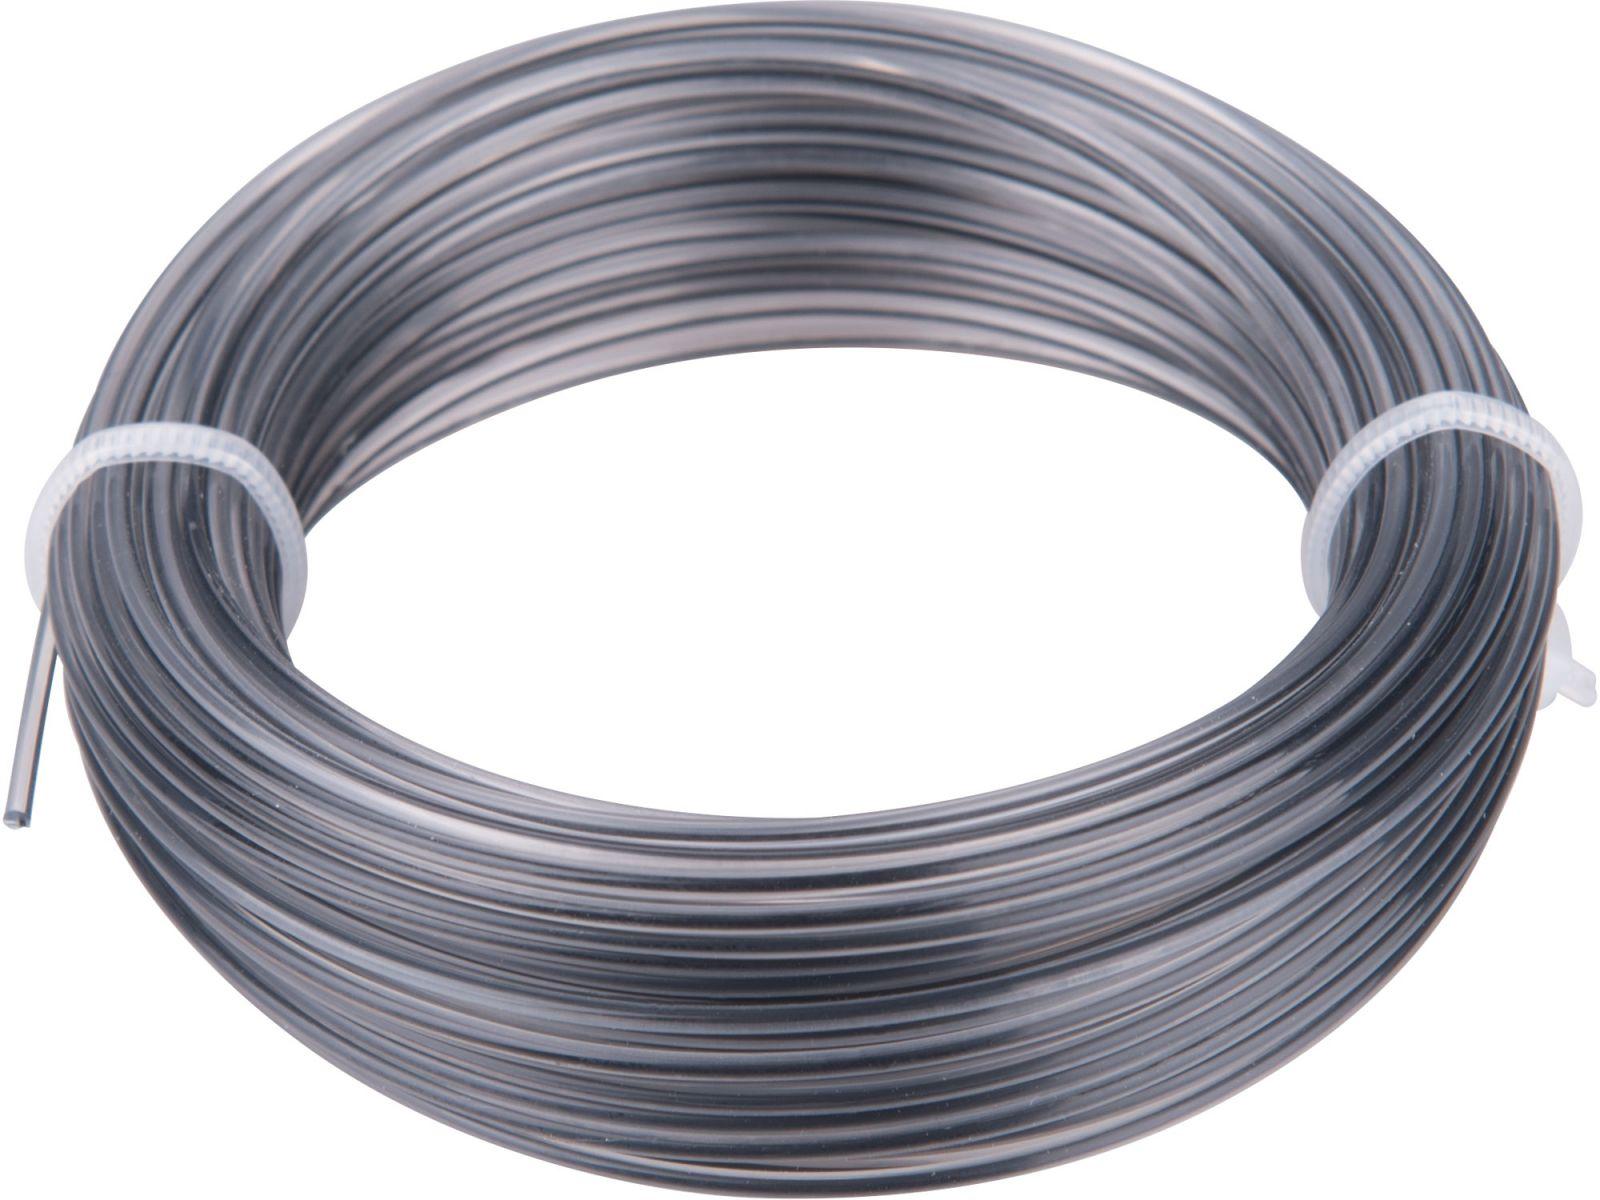 žací struna do sekačky s jádrem, kruhový profil, 1,3mm, 15m, PA66